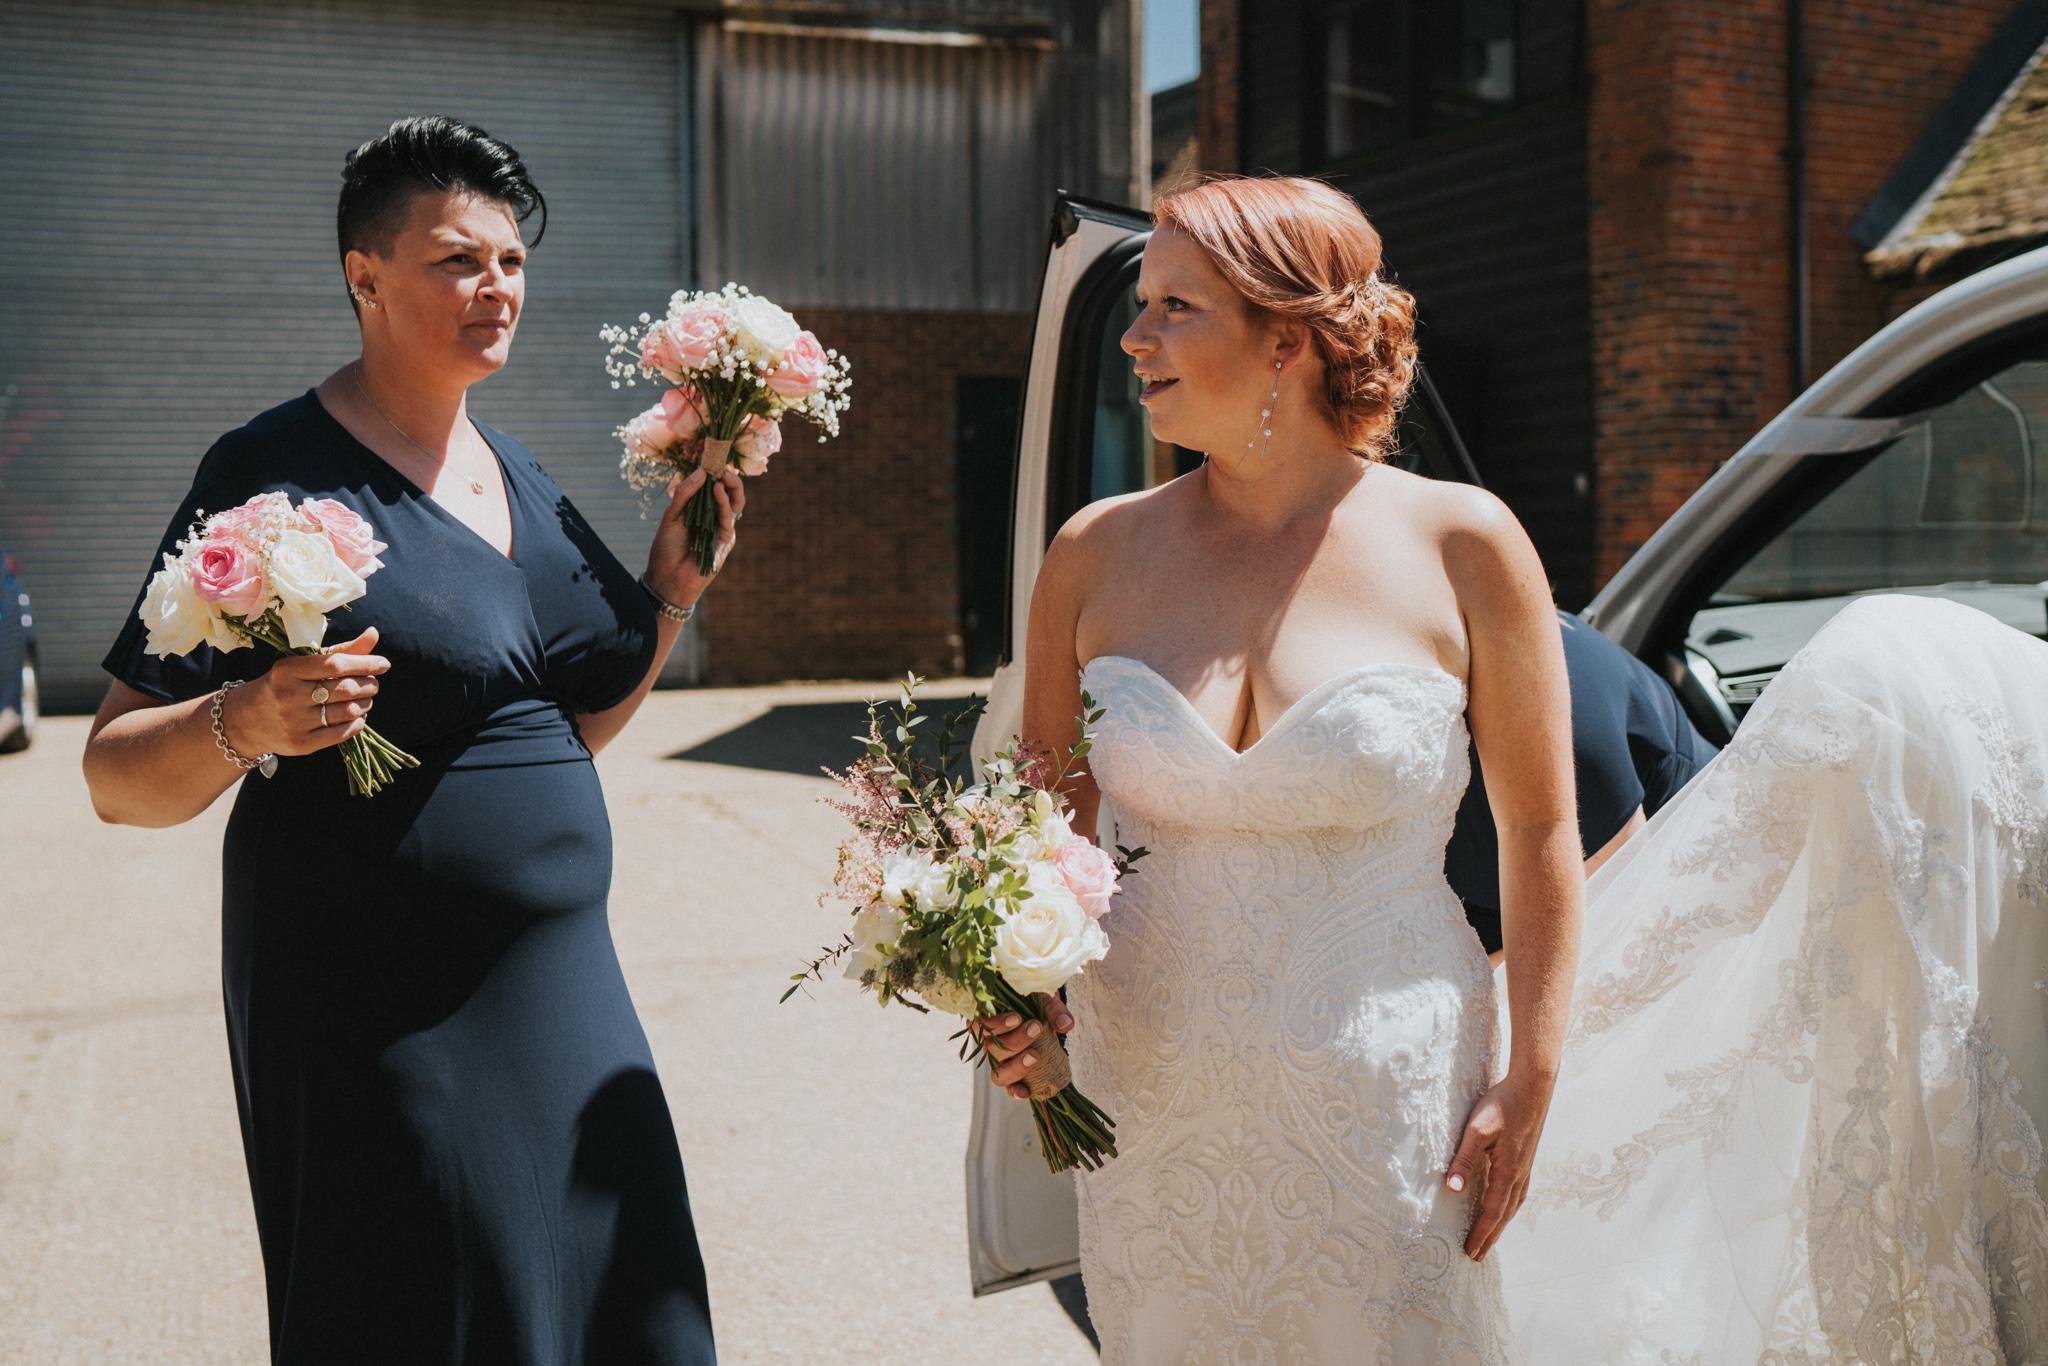 steph-neil-red-brick-barn-rochford-wedding-grace-elizabeth-colchester-essex-alternative-wedding-photographer-essex-suffolk-norfolk-devon (5 of 43).jpg